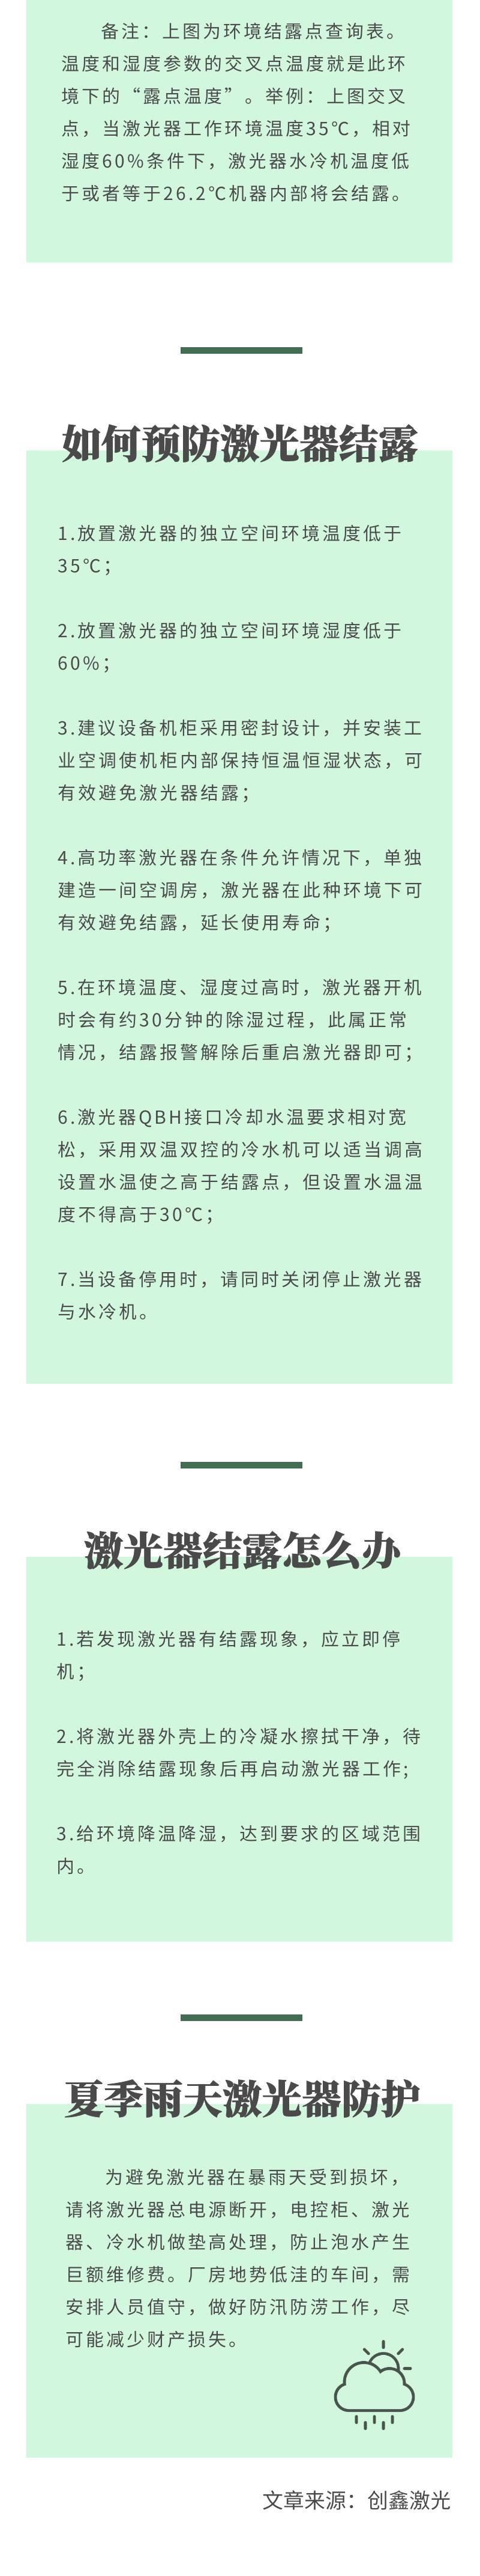 遭遇秋老虎,怎么保护激光器?2.jpg